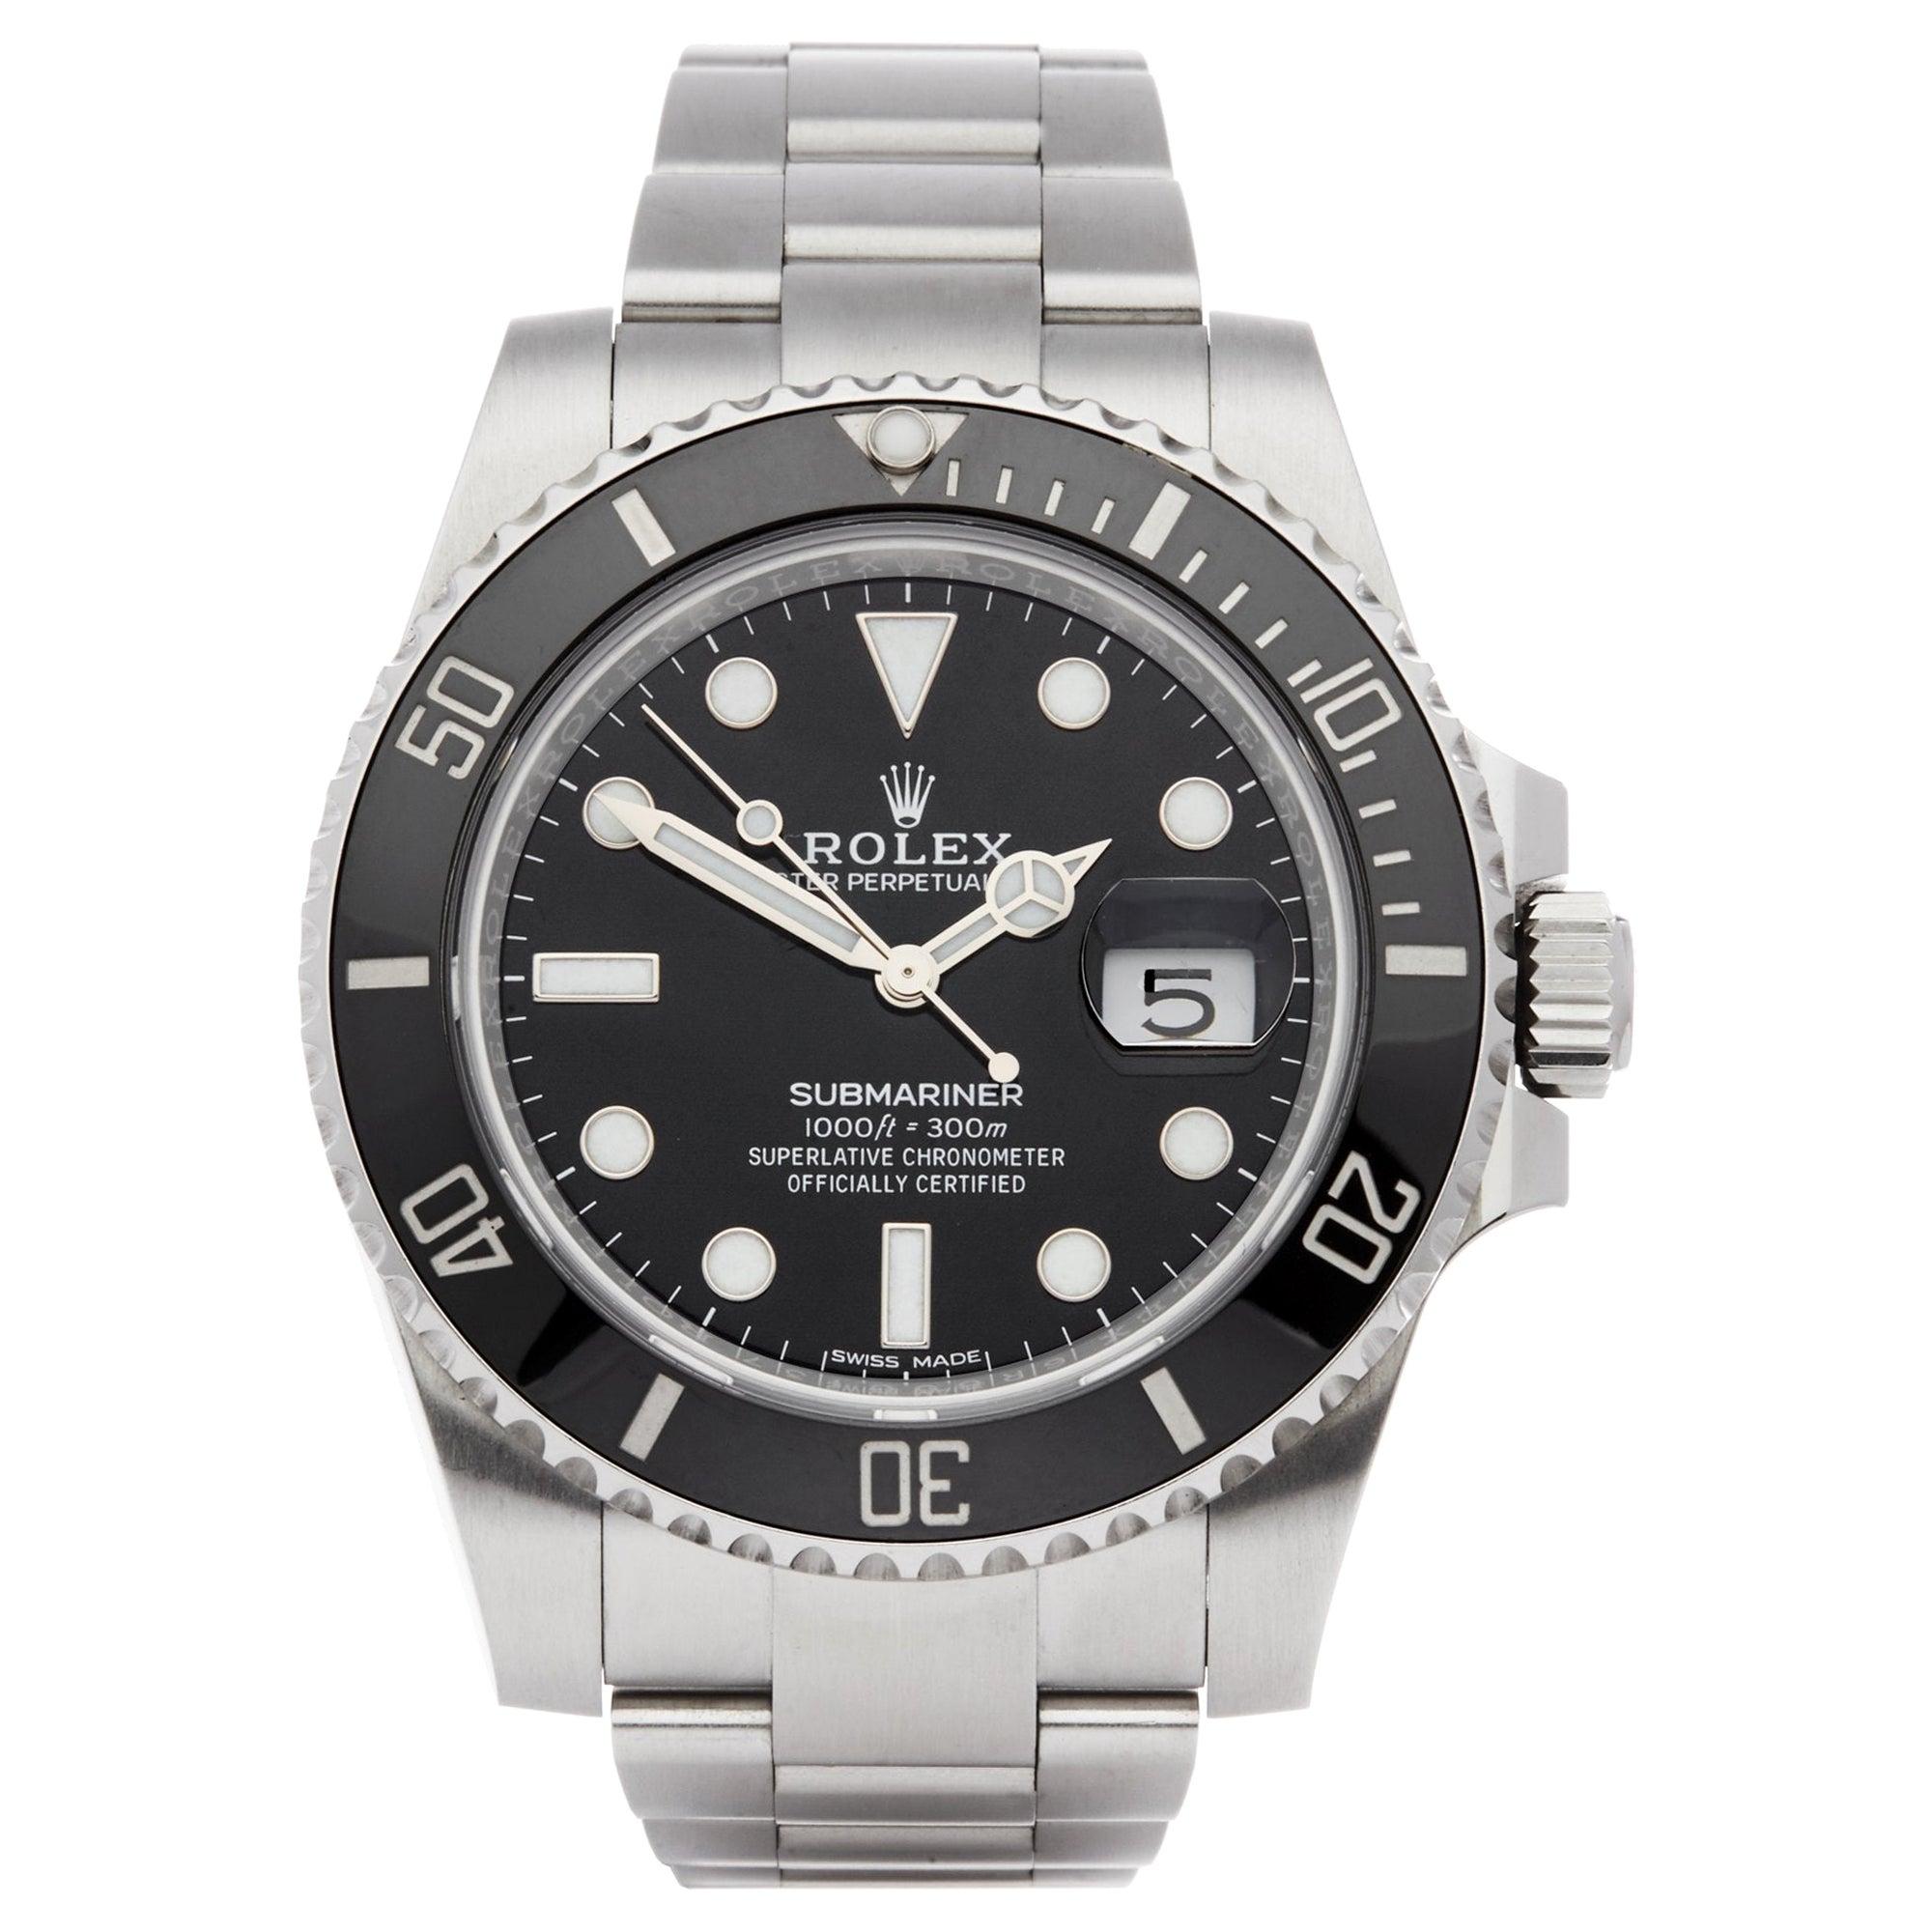 Rolex Submariner Date 116610LN Men's Stainless Steel Watch